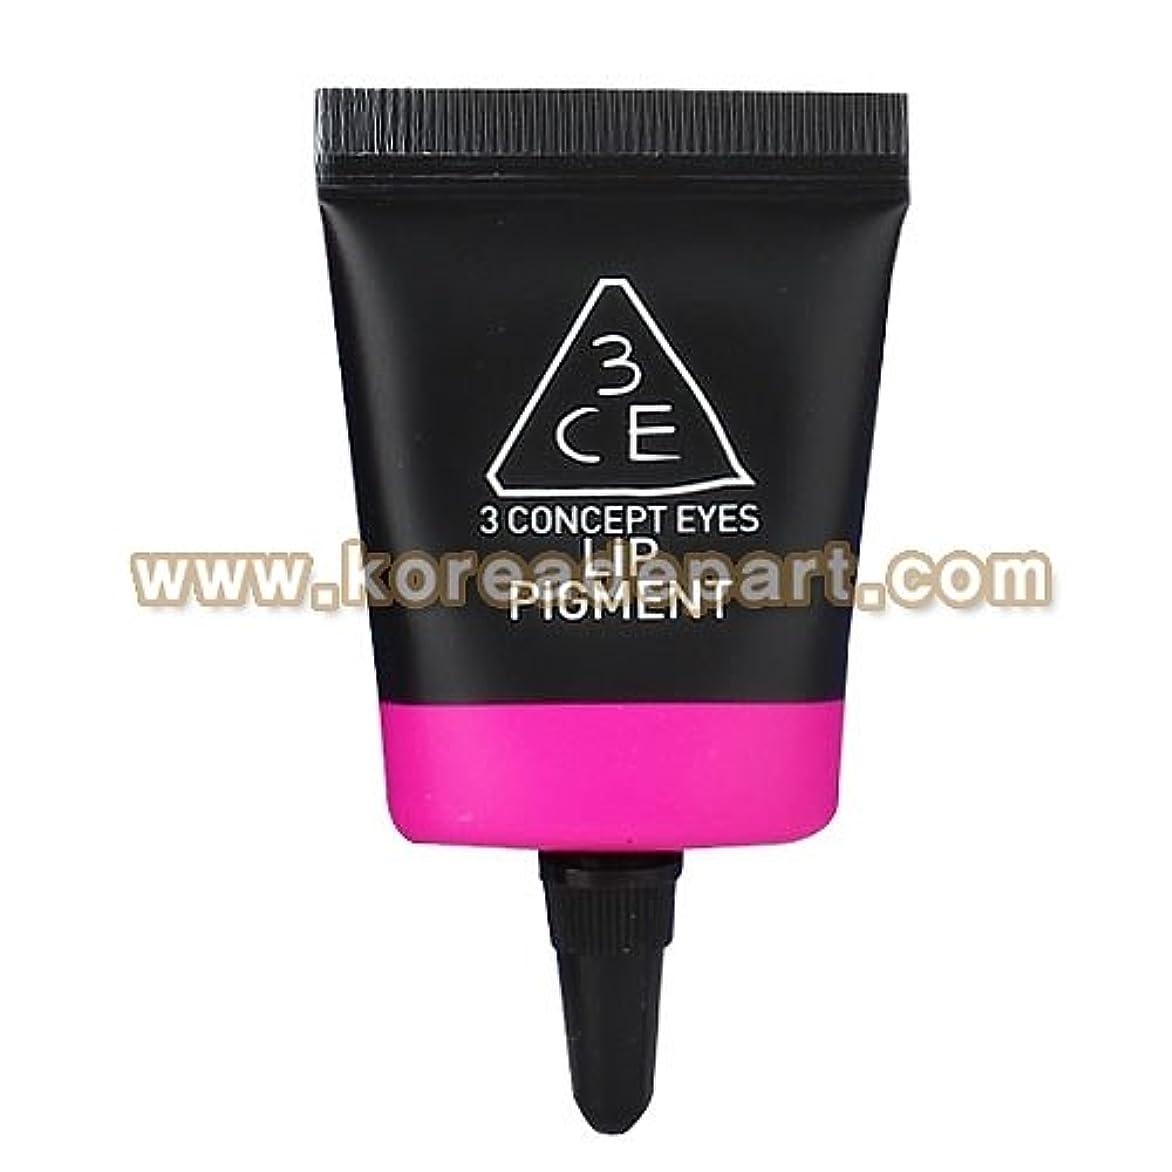 タブレットディレクトリ釈義3CE リップ ピグメント (electro pink) [海外直送品][並行輸入品]